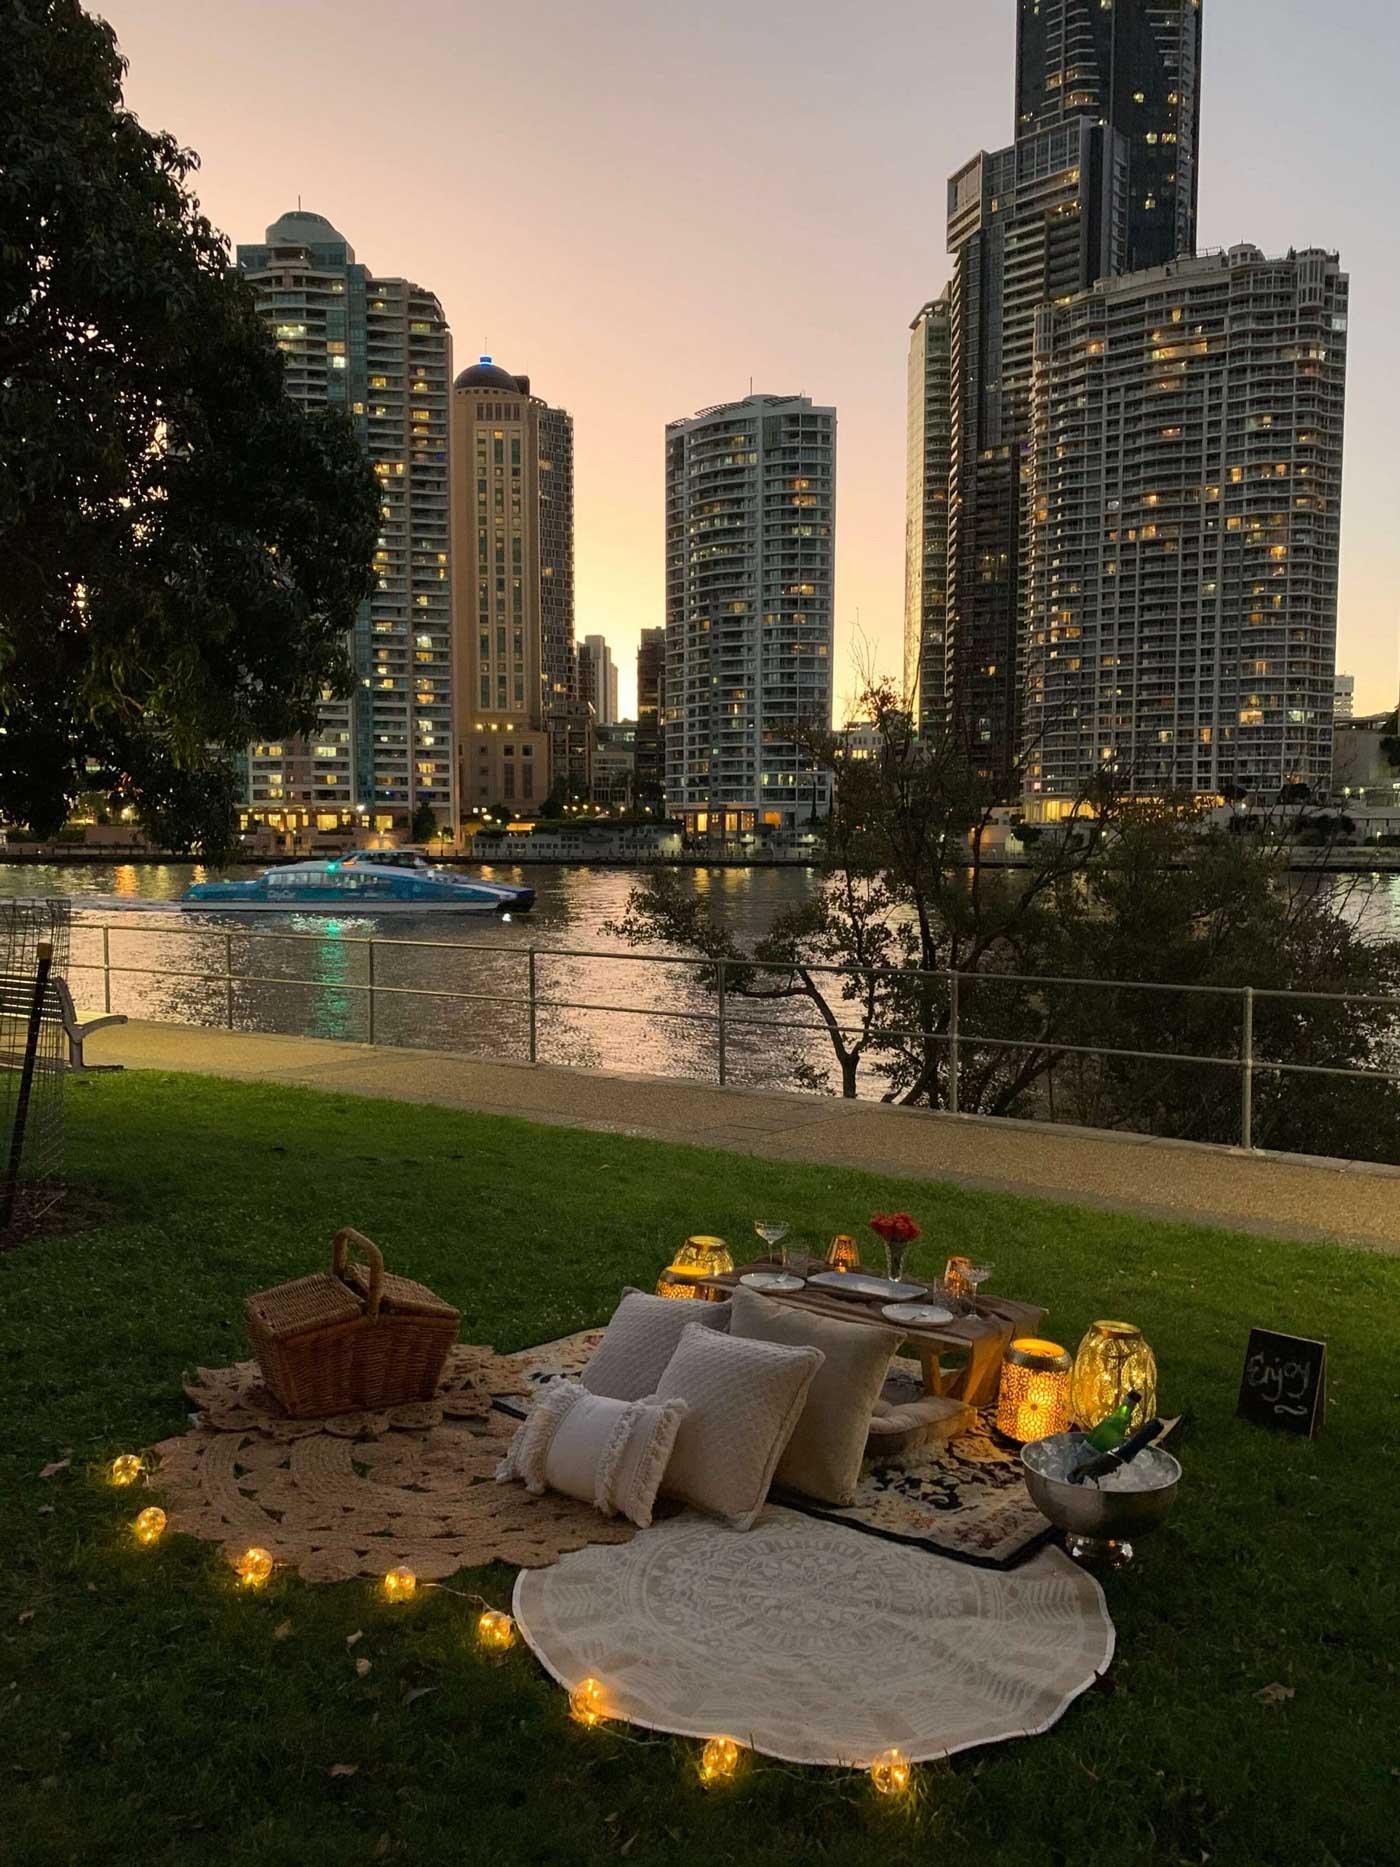 Brisbane Night Date Picnic